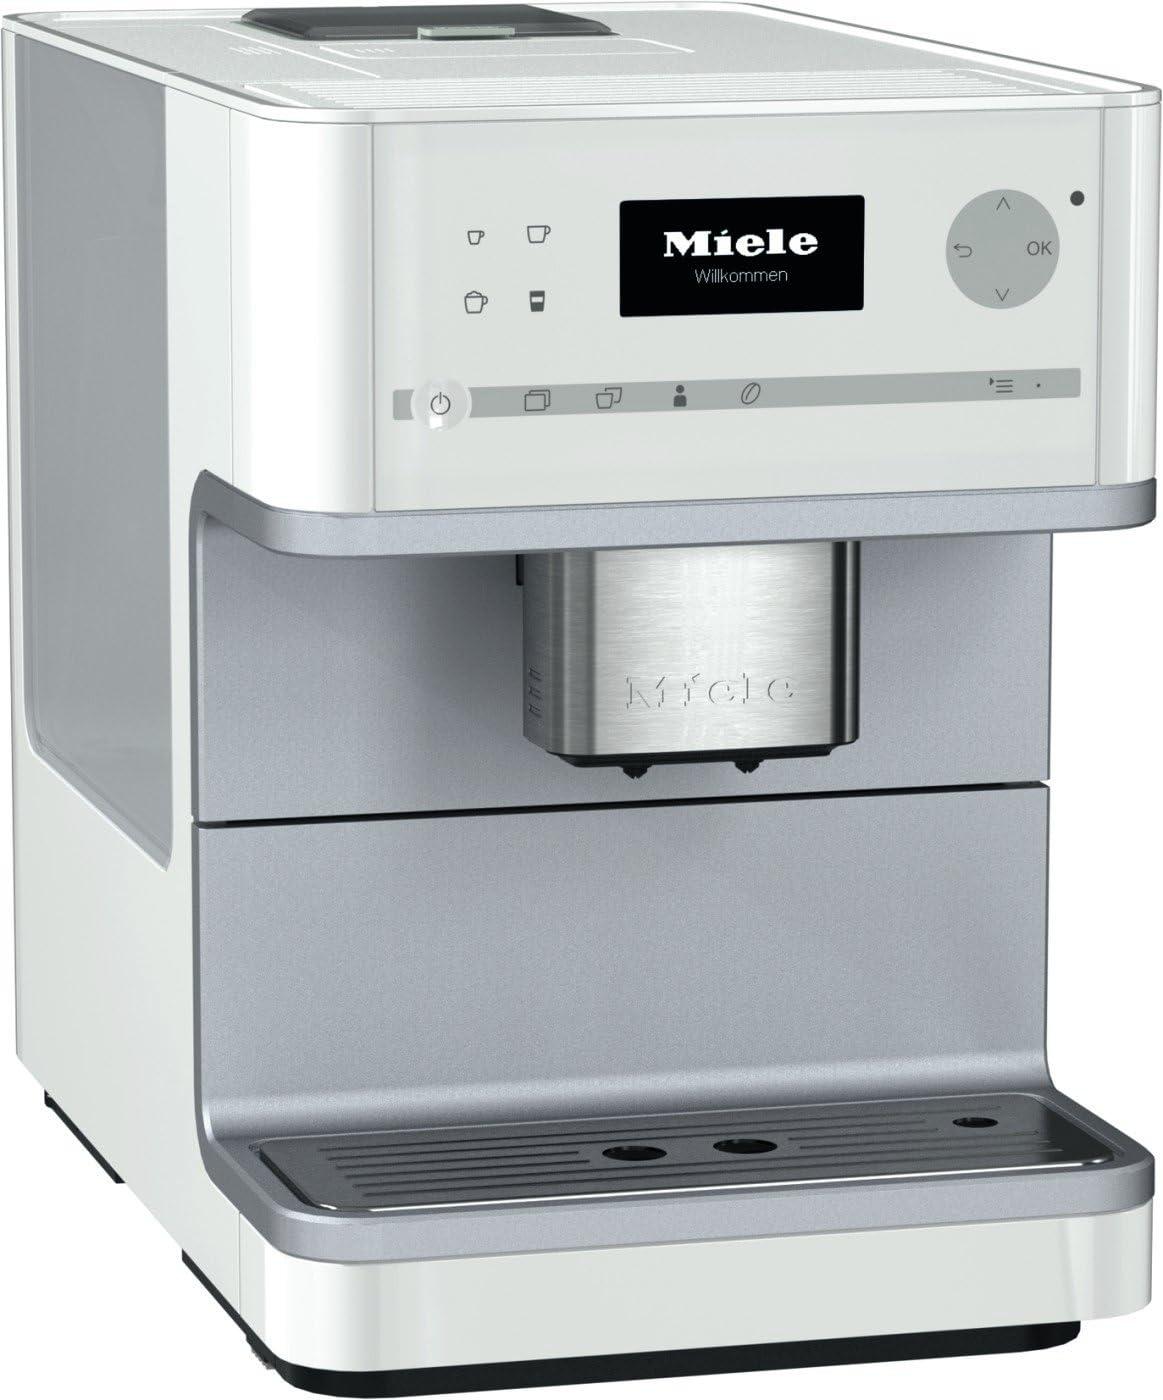 Miele CM 6110 Independiente Totalmente automática Máquina espresso 1.8L Blanco - Cafetera (Independiente, Máquina espresso, 1,8 L, Molinillo integrado, 1500 W, Blanco): Amazon.es: Hogar